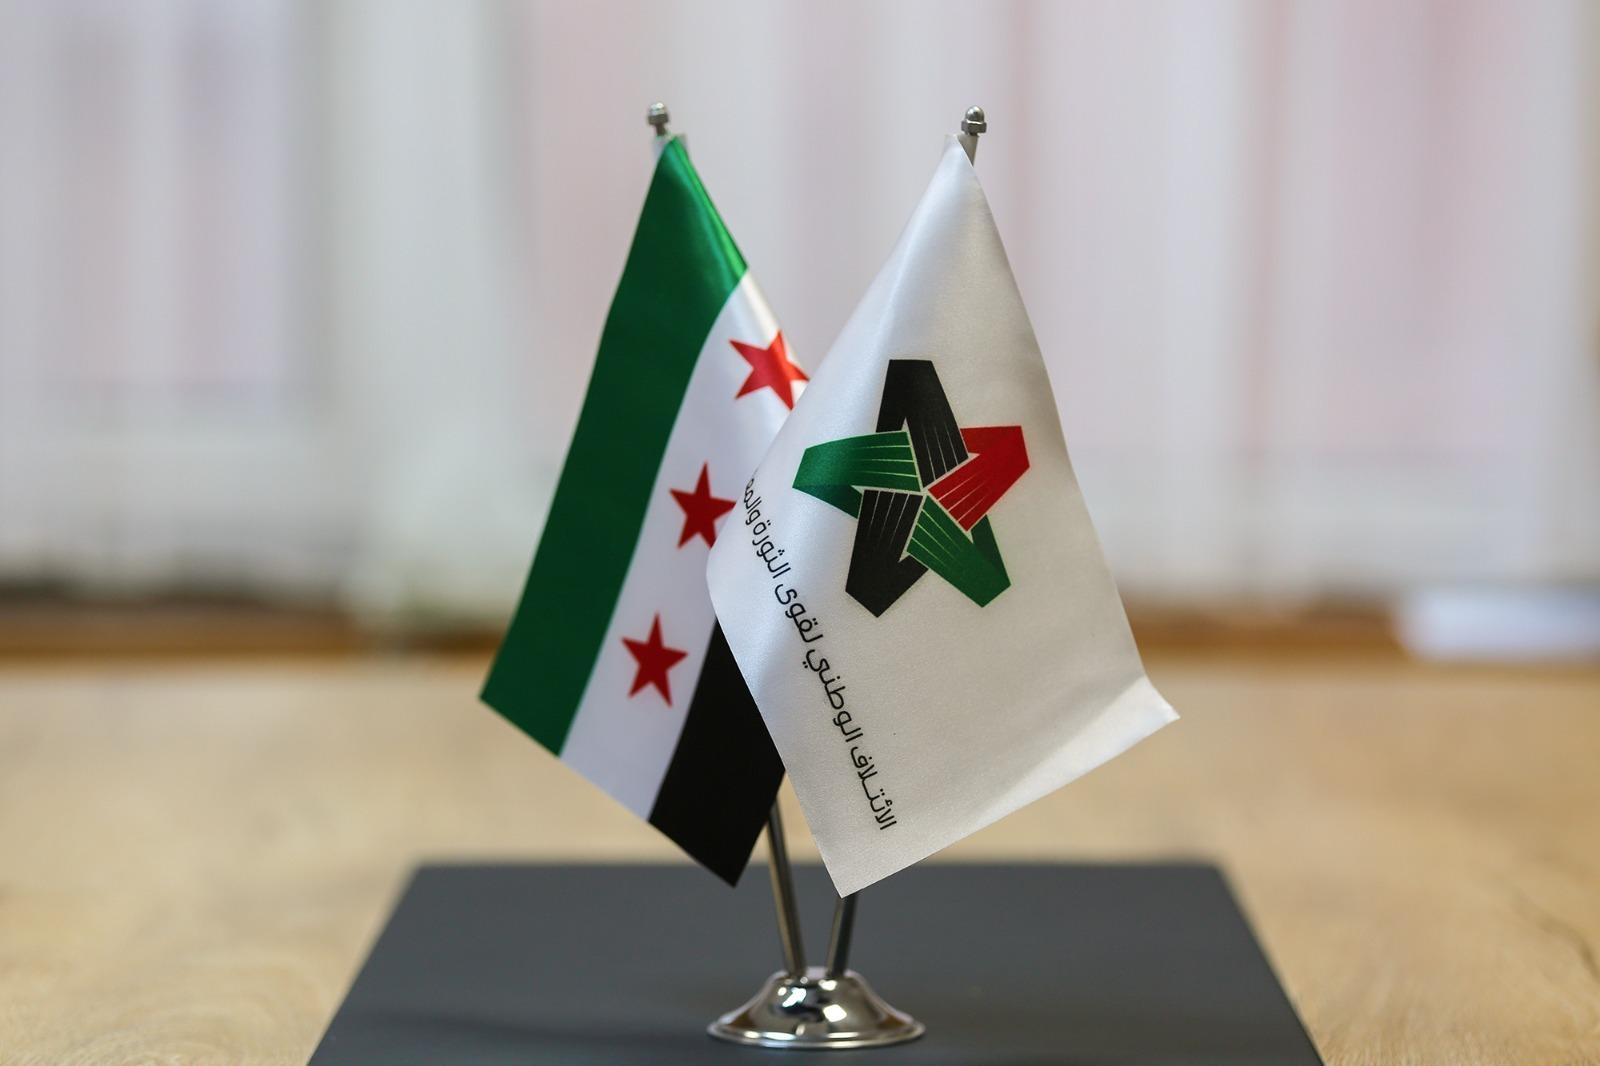 الهيئة السياسية تعقد اجتماعها الدوري وتؤكد على الدور السلبي لروسيا في دعم نظام الأسد